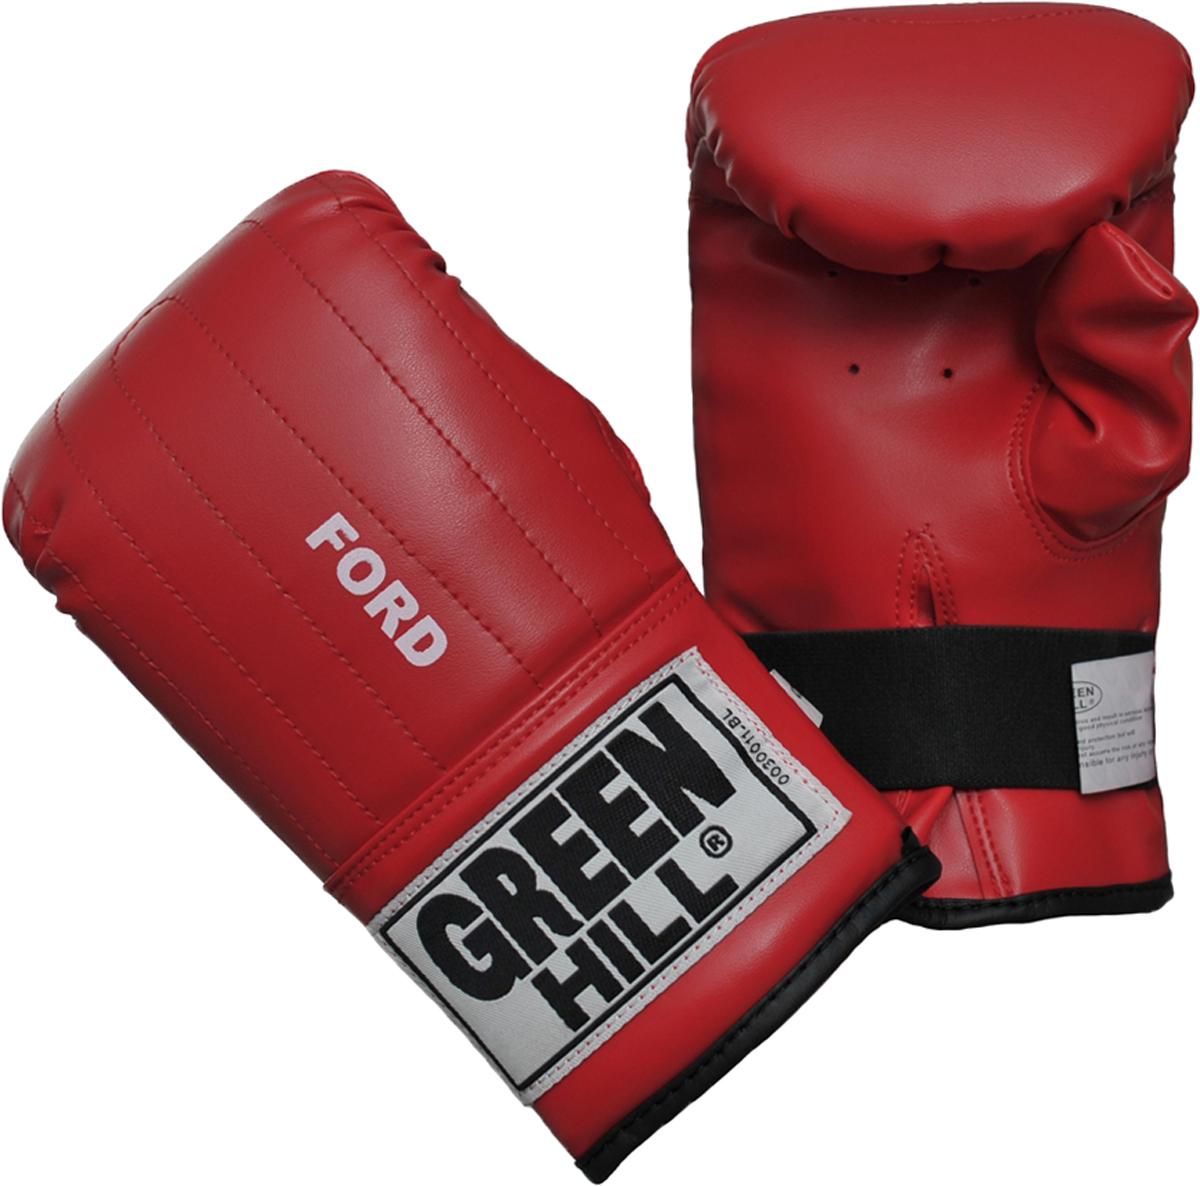 """Перчатки для единоборств Green Hill Ford, цвет: красный. Размер MPMF-2068Снарядные перчатки """"Ford"""" («блинчики»). Недорогие снарядные перчатки для отработки ударов. Подойдут для домашнего использования и для начинающих спортсменов. Выполнены из иск.кожи, манжет на резинке. Размеры:Замерьте обхват ладони сантиметровой лентой в наиболее широком месте, исключив при этом большой палец рукиРазмер: S M L XLОбхват ладони, см. 17-18 18-19 19-22 23-27"""